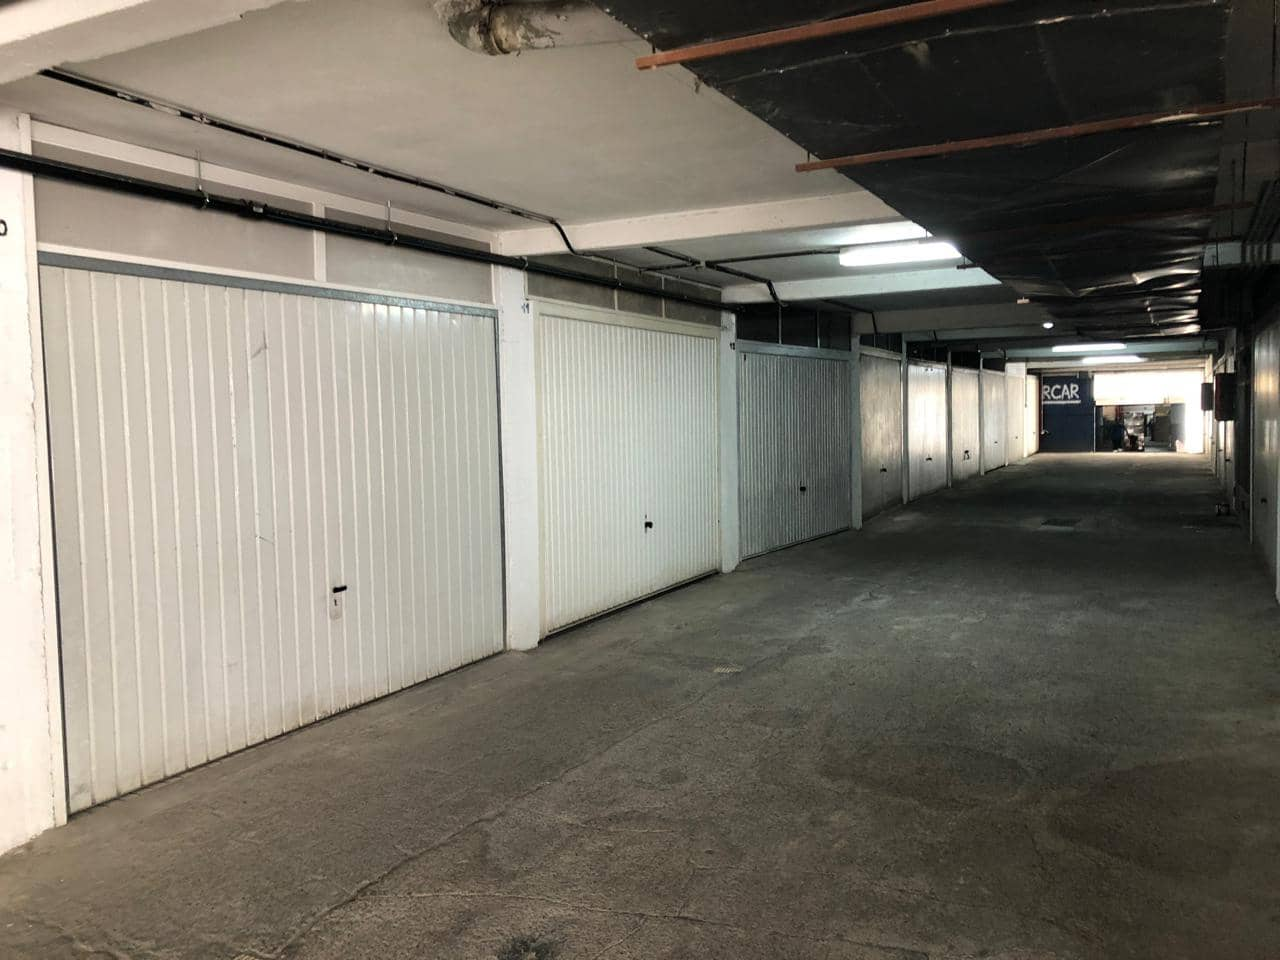 Garagem para venda em Playa de las Americas - 27 000 € (Ref: 5733725)